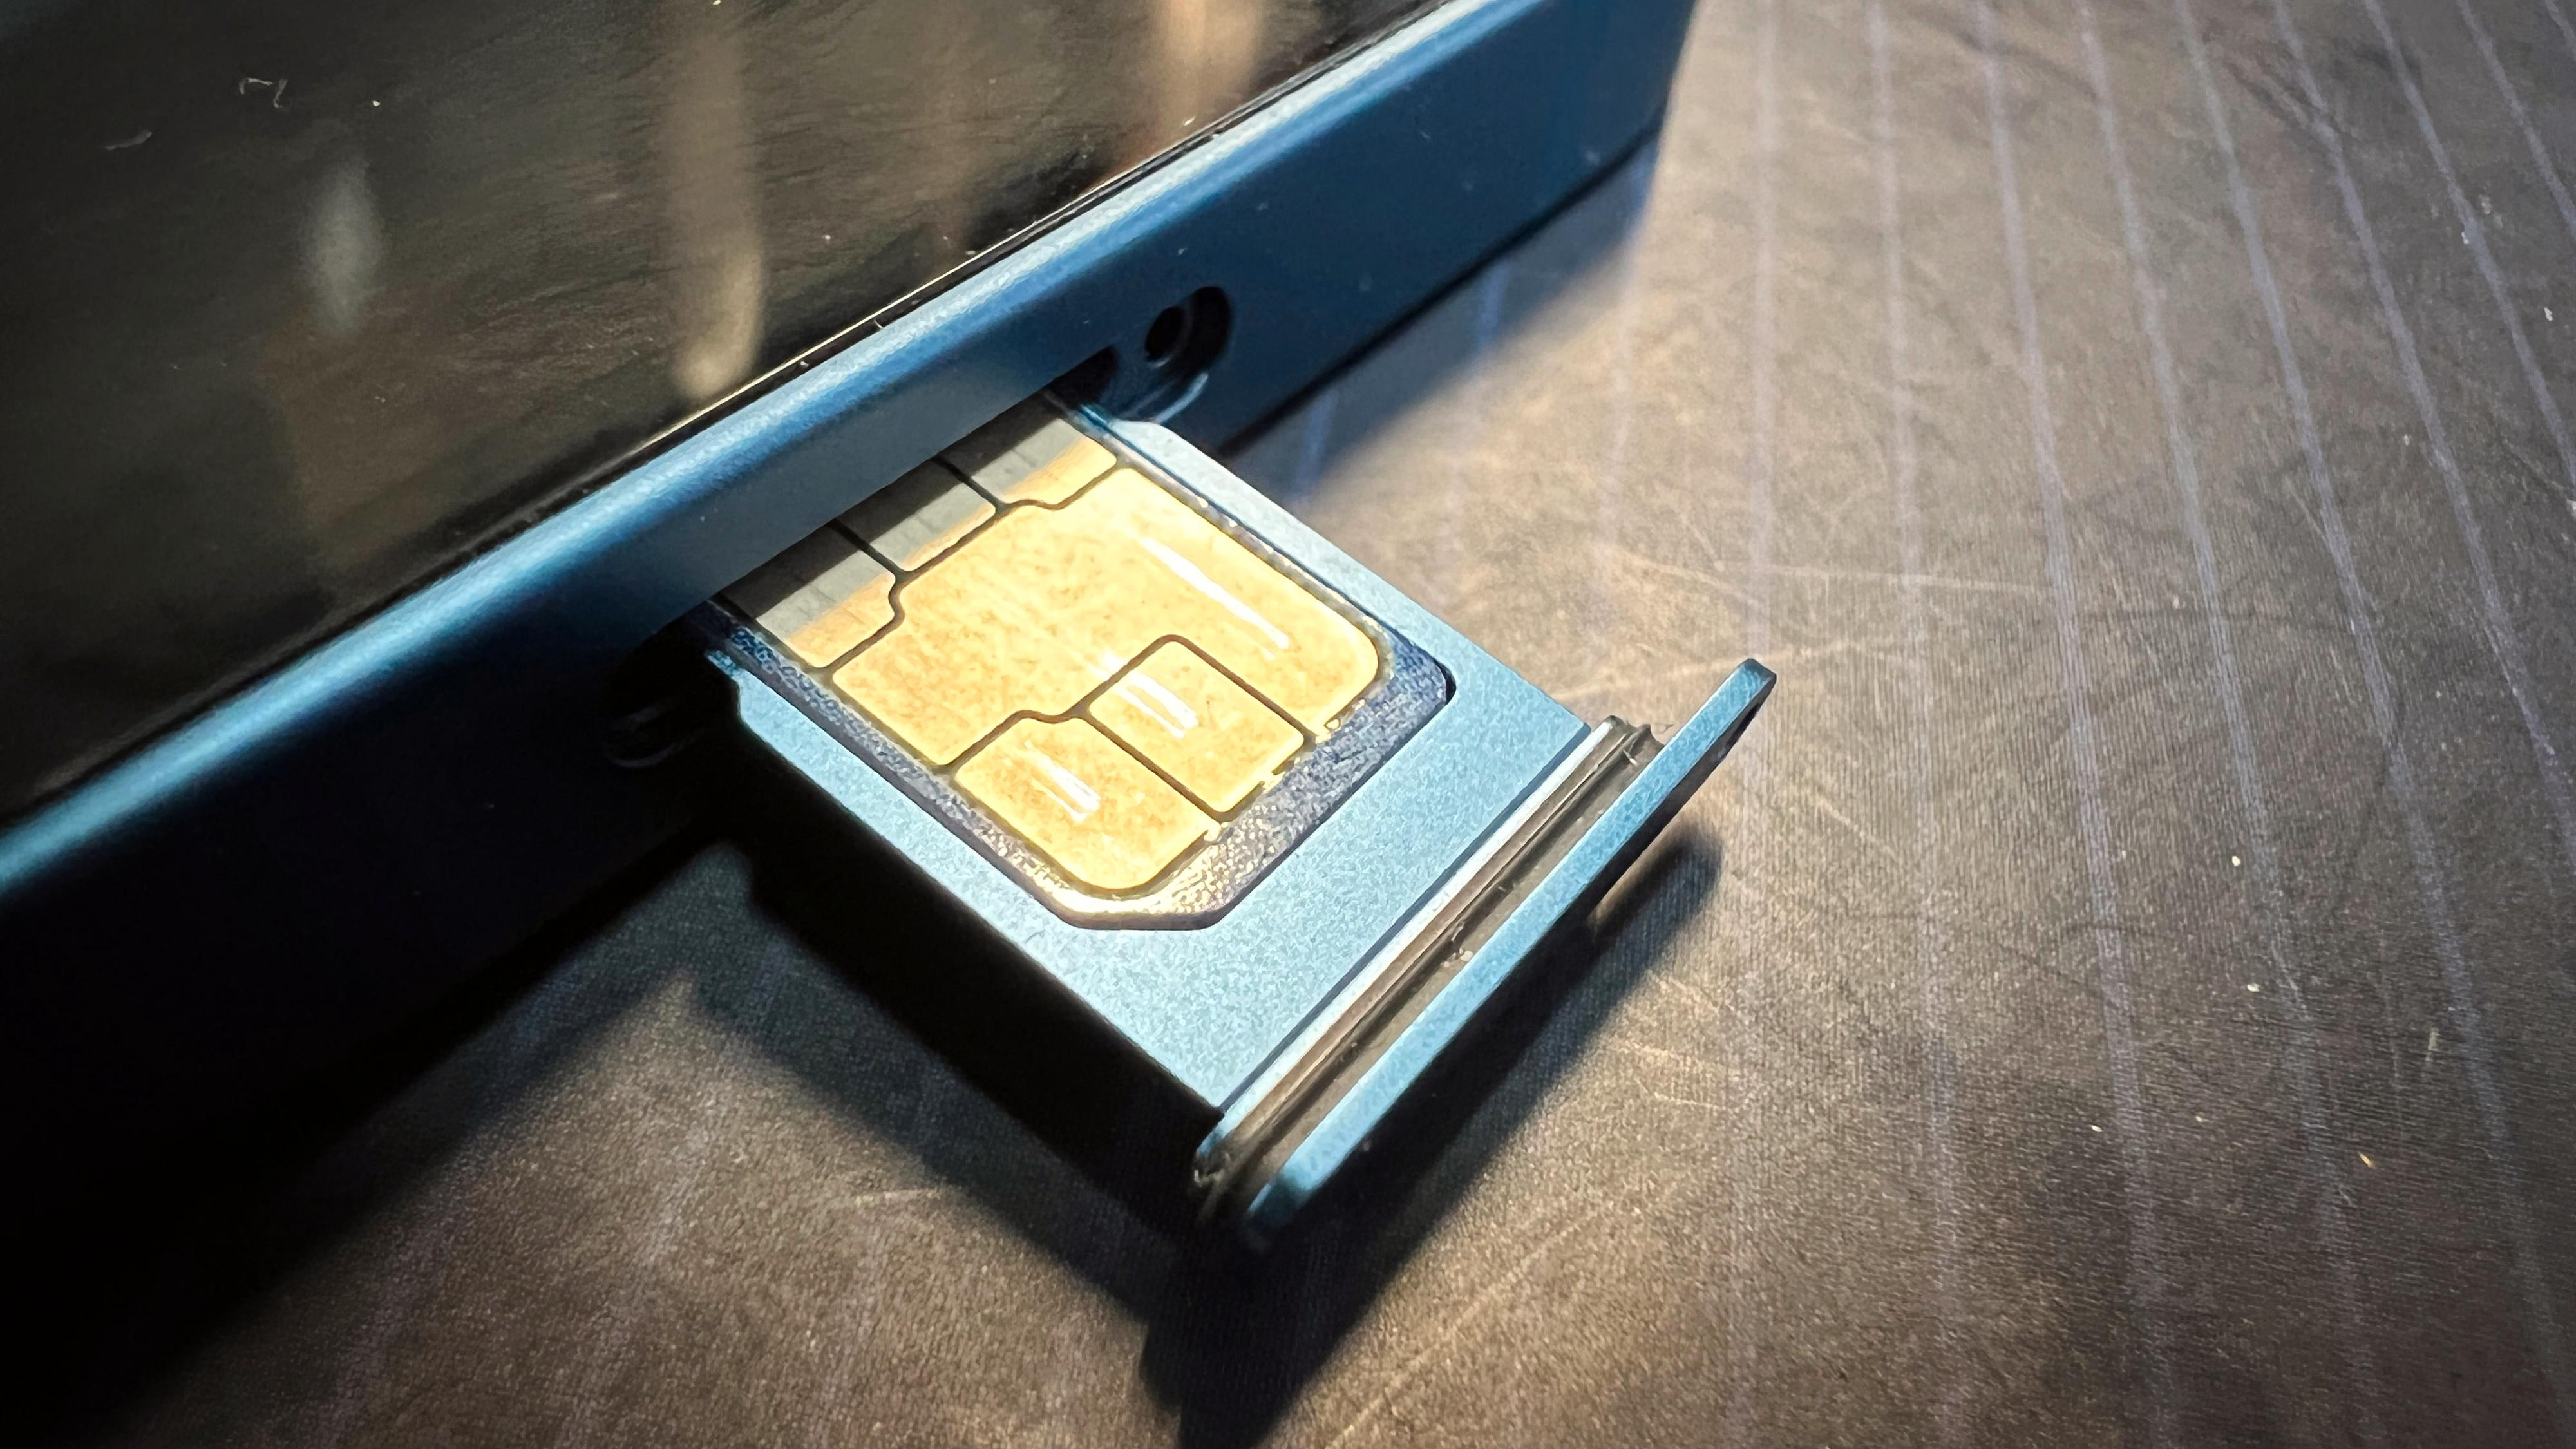 Vil du ha et ekstra SIM-kort til ditt Telia X-abonnement, vil det koste saftige 89 kroner i måneden.